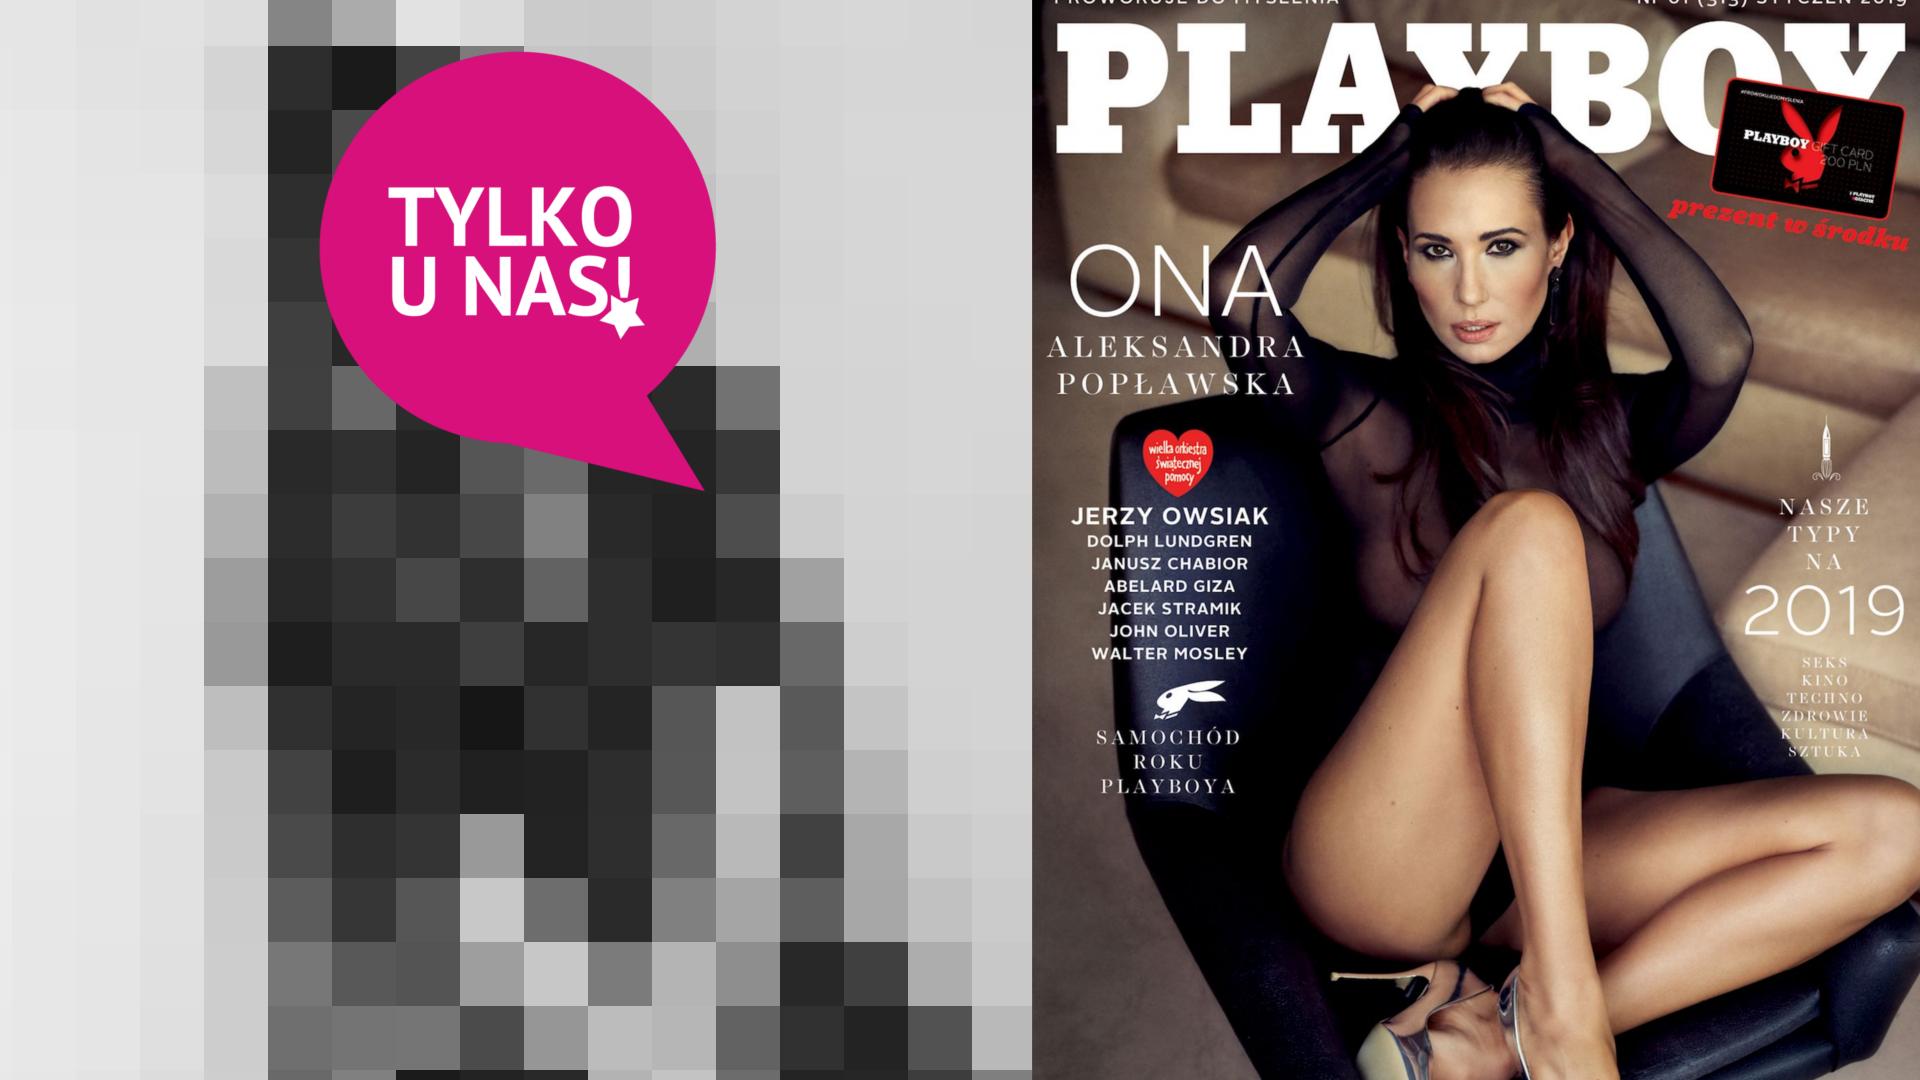 Mamy NIEPUBLIKOWANE zdjęcie Popławskiej z sesji dla Playboya